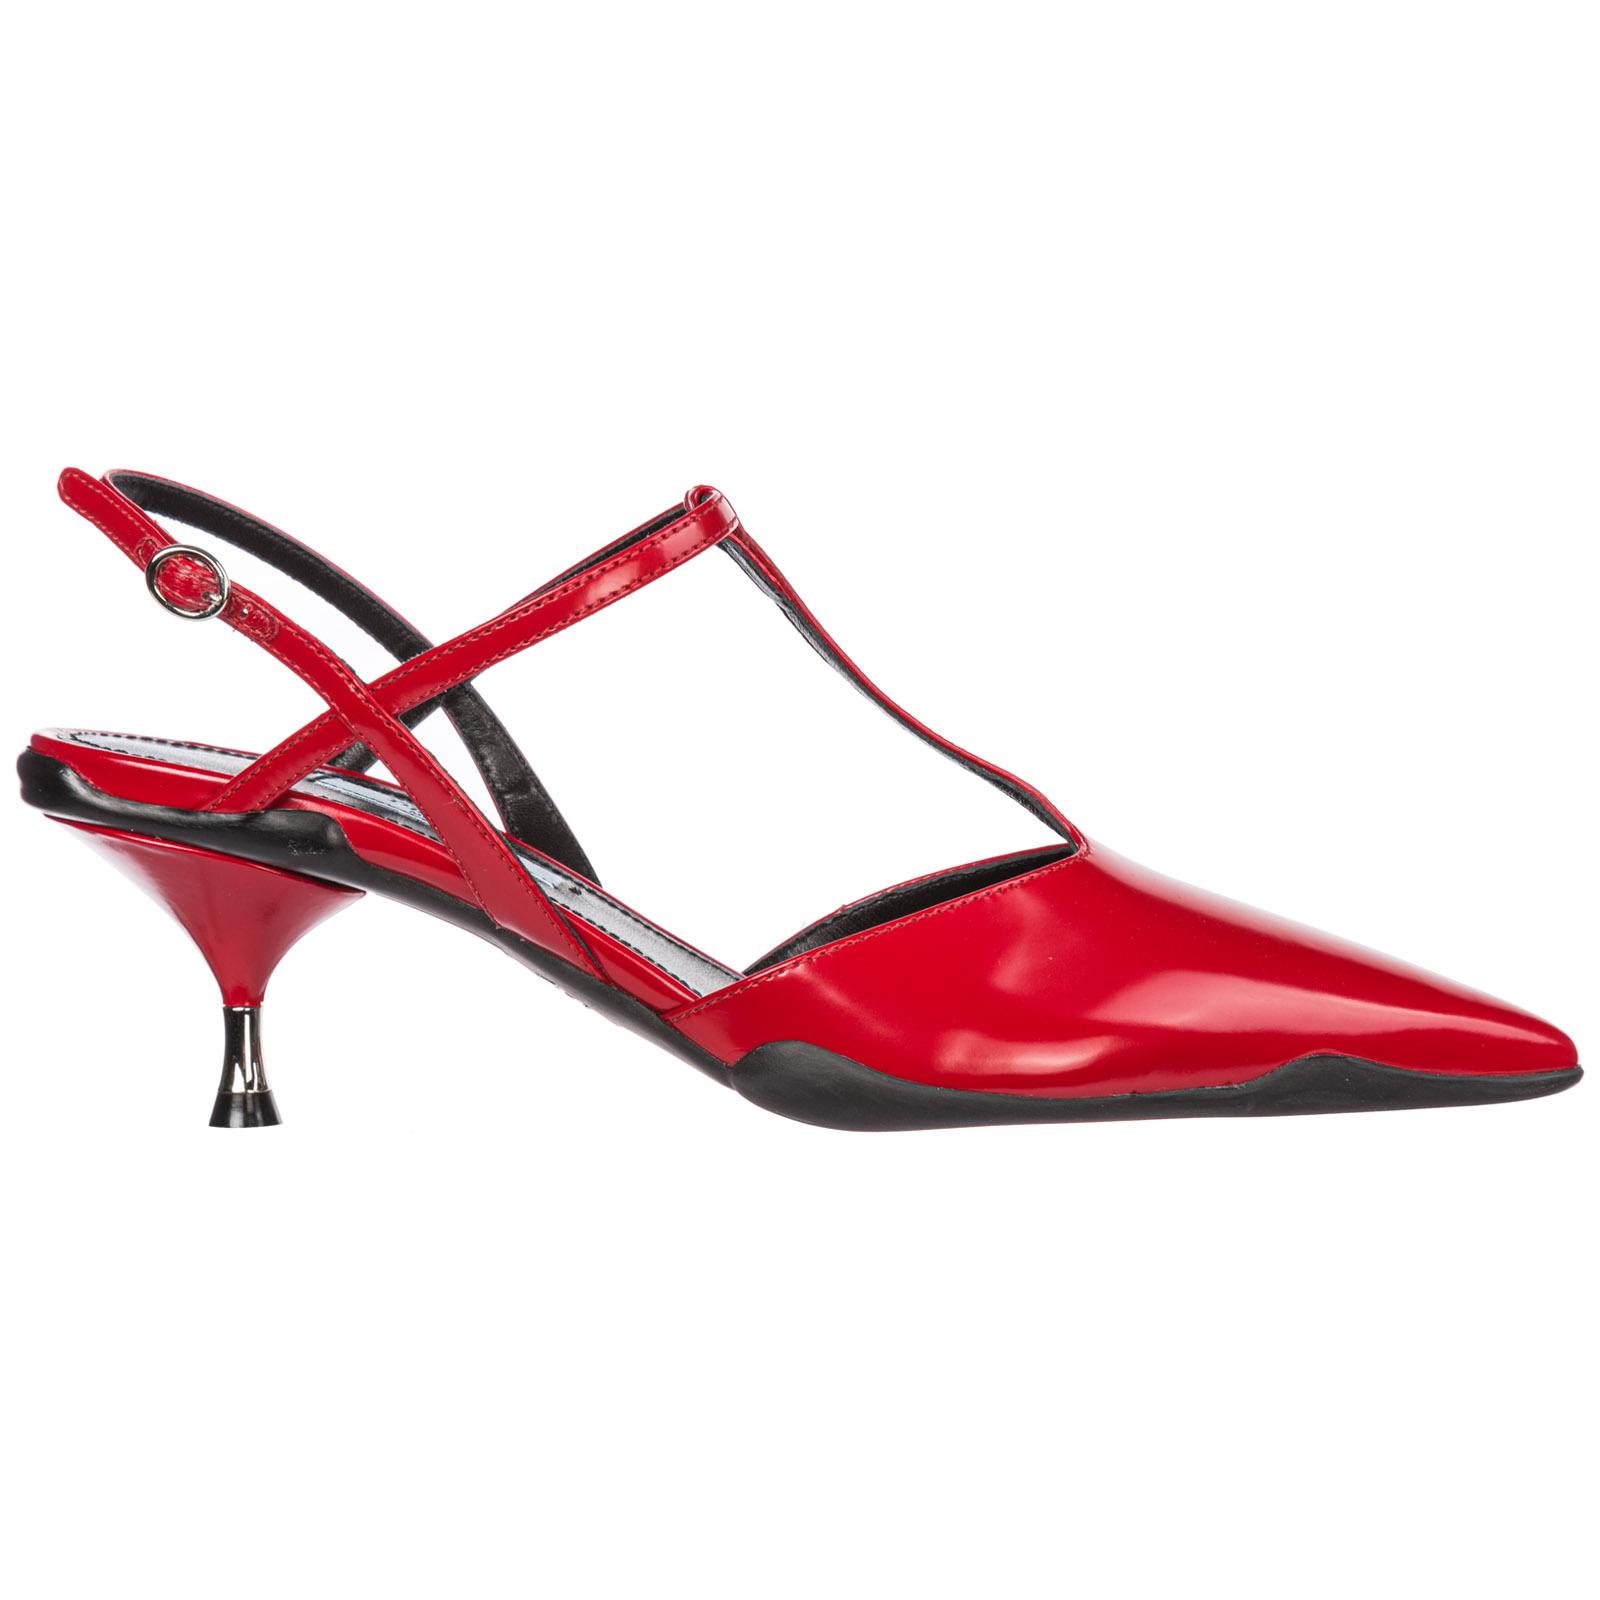 Prada Women's Leather Heel Sandals In Red